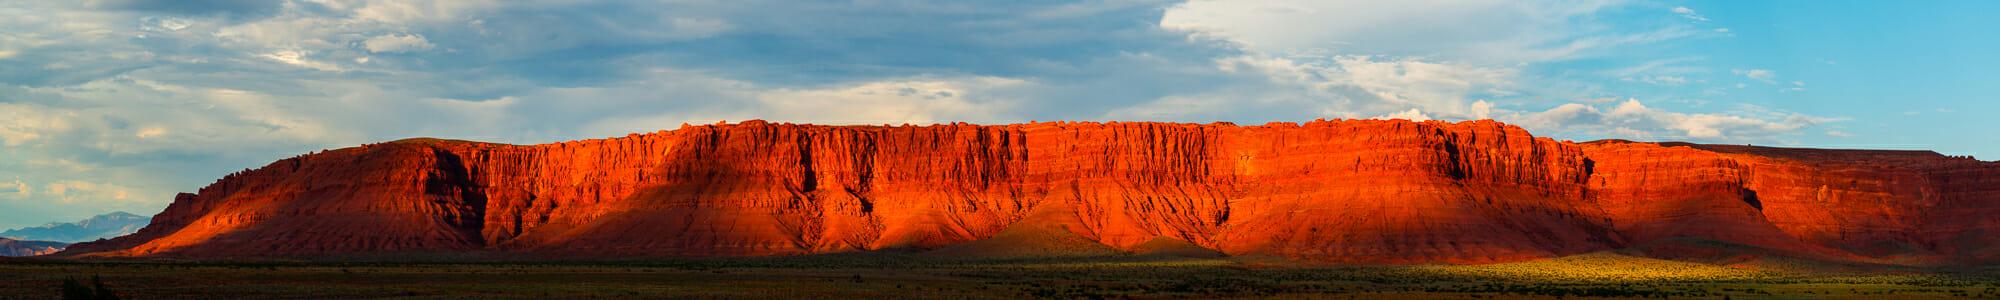 Warner Valley Red Cliffs St. George, Utah